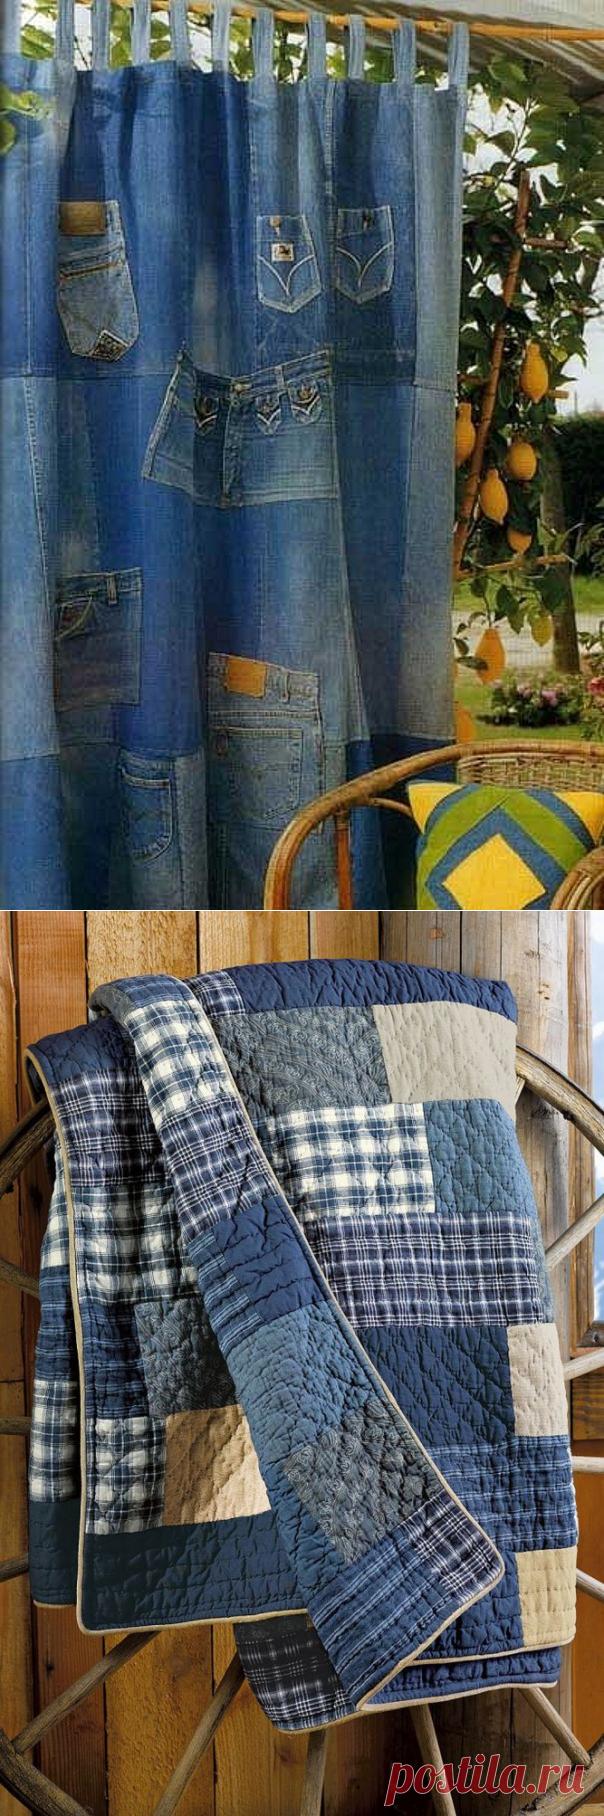 Супер идеи для второй жизни джинсов